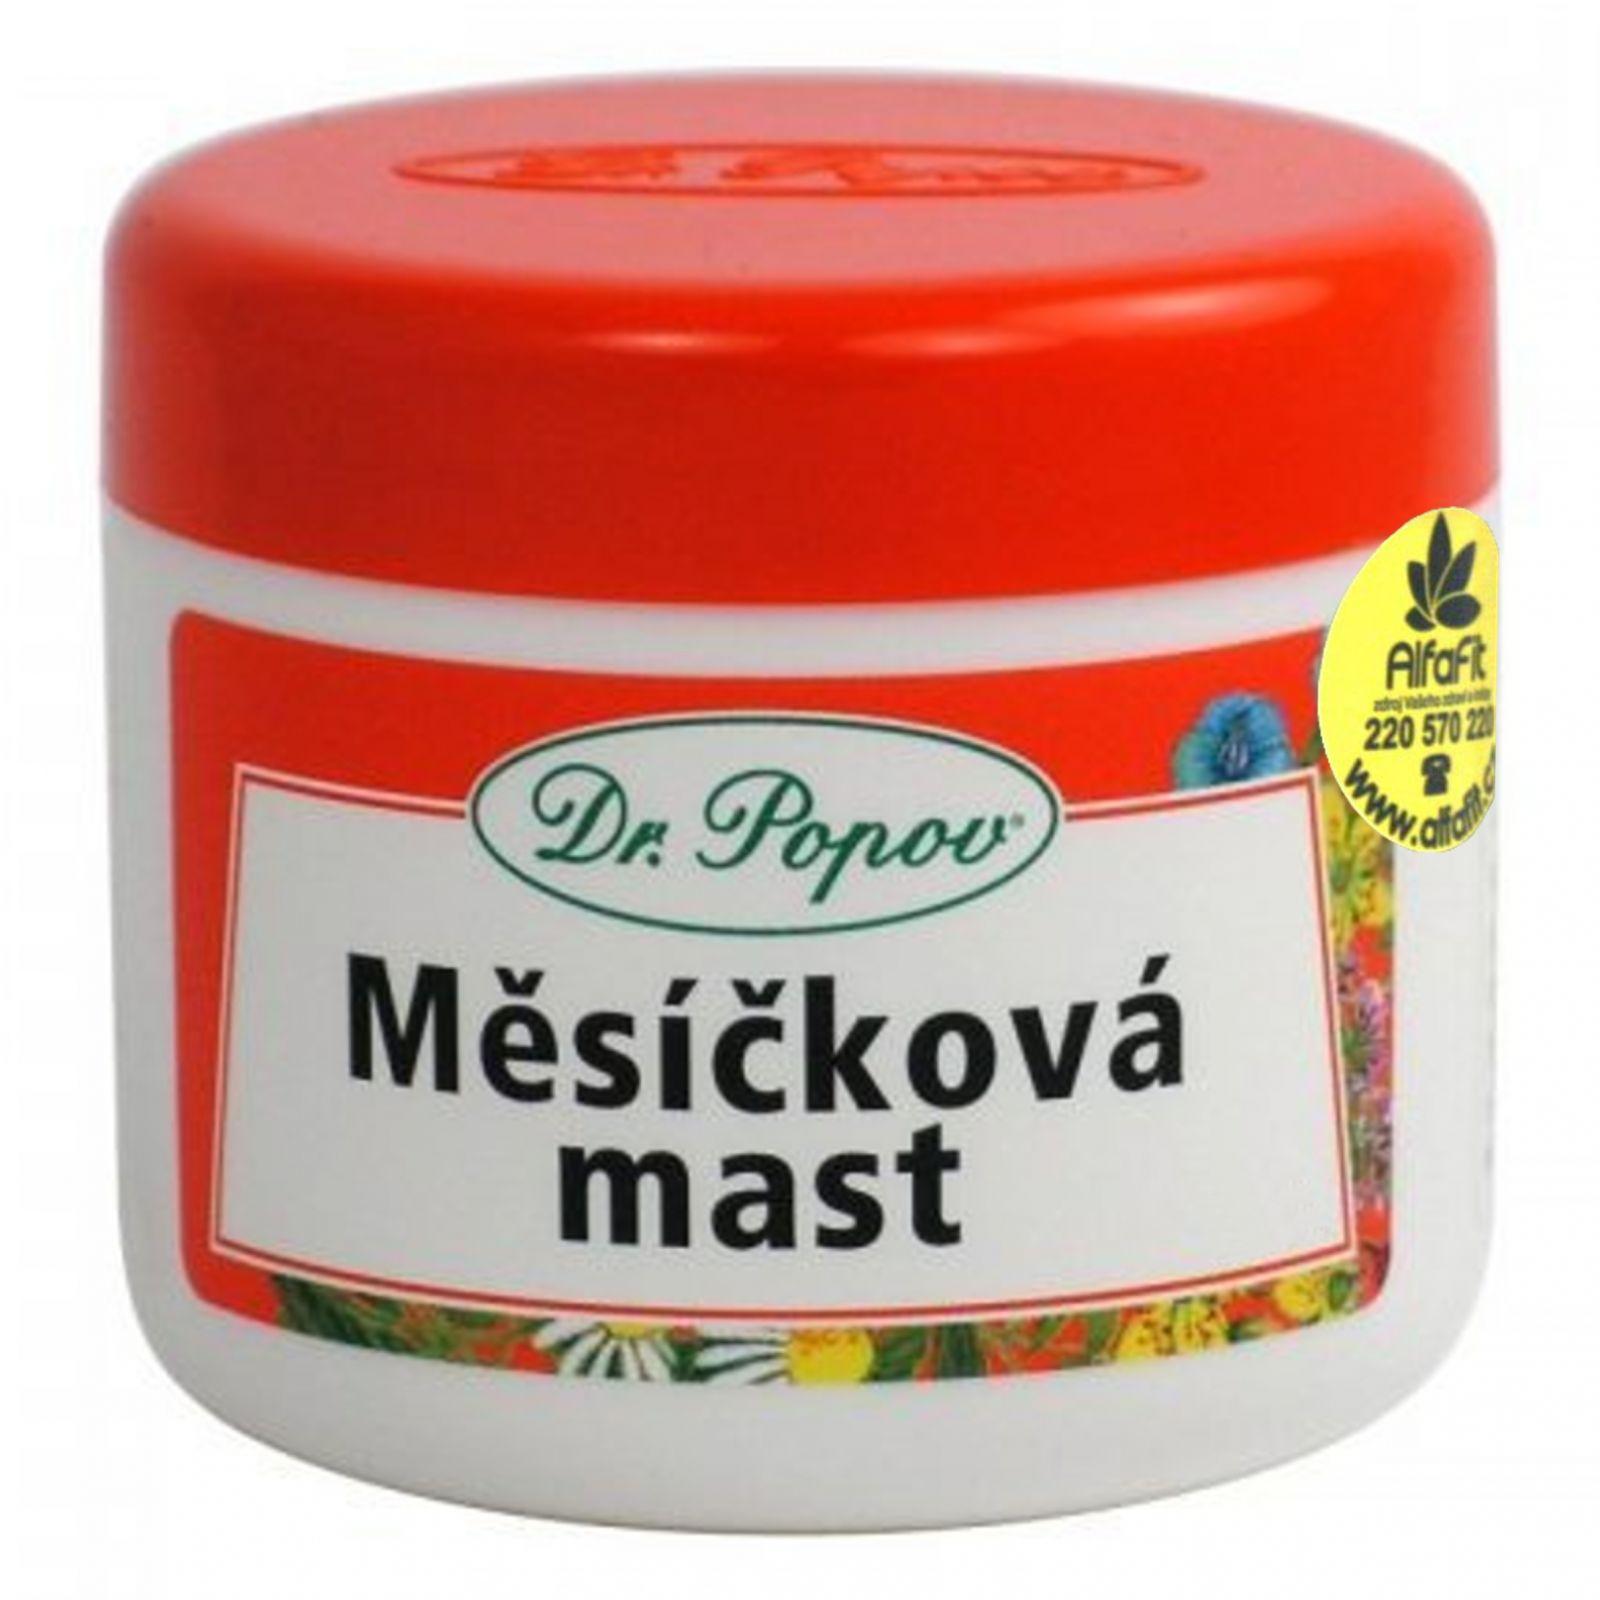 Peter Popov Varicose ,tratarea varicelor intestinale cu remedii populare